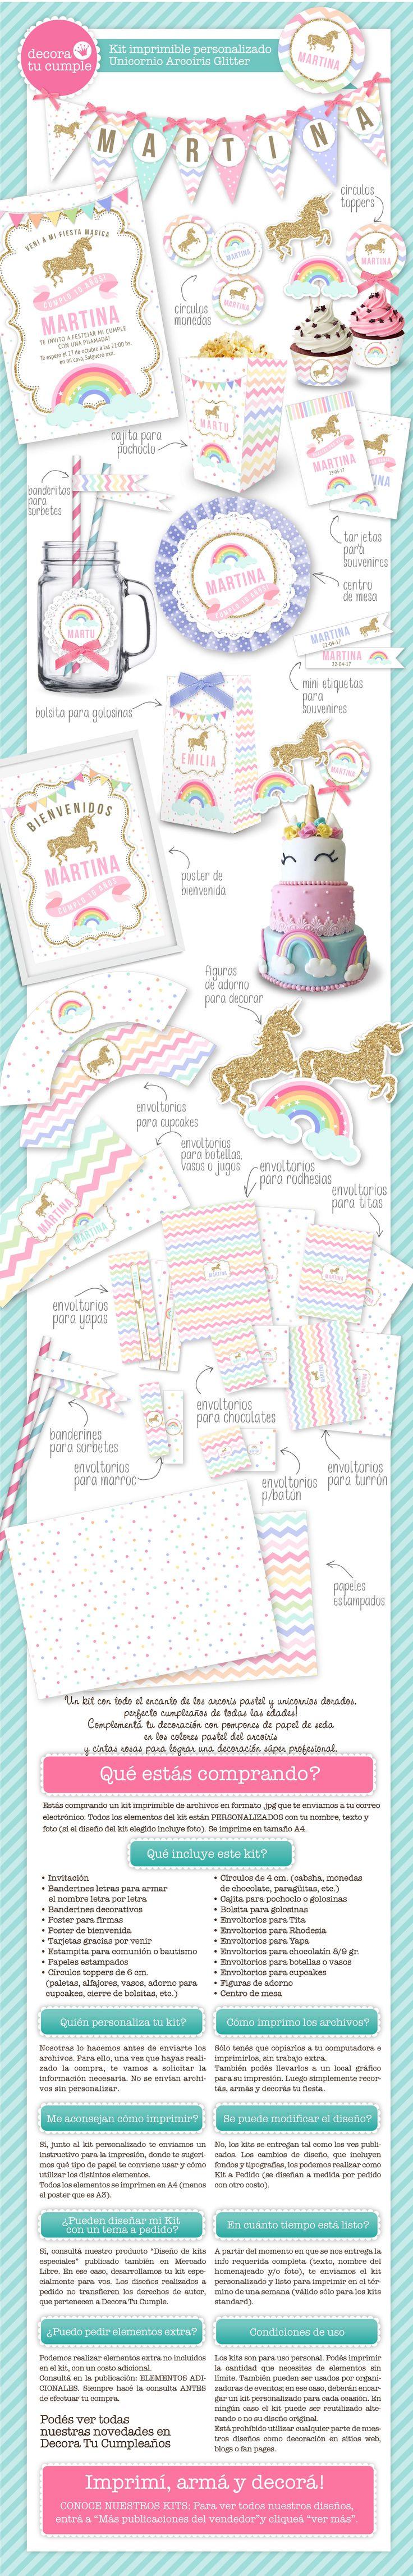 Kit imprimible unicornio y arcoiris. Decoración para fiestas y cumpleaños. Shabby chic, estilo romántico. Colores pastel. Invitación digital. Decoración de fiestas infantiles y eventos. https://www.facebook.com/DecoraTuCumpleanos/?ref=hl